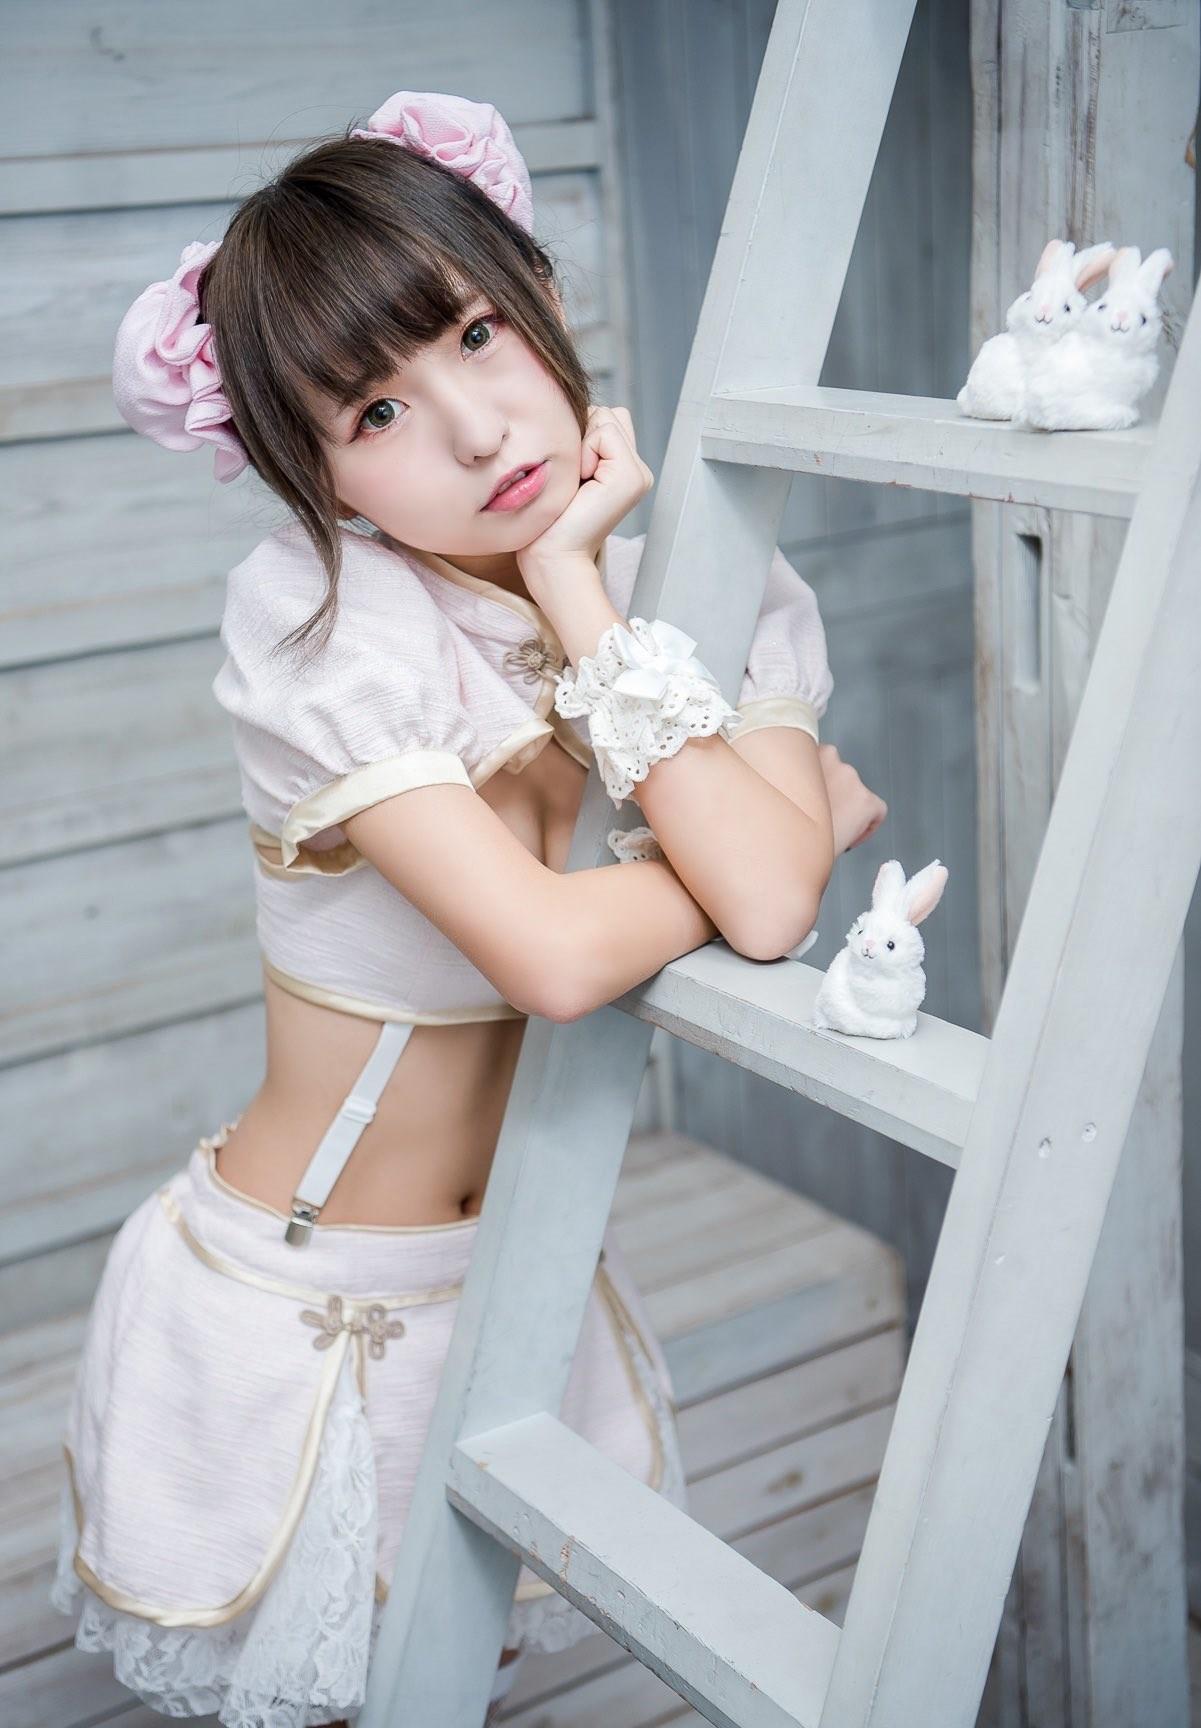 【兔玩映画】萝莉豆腐 兔玩映画 第4张